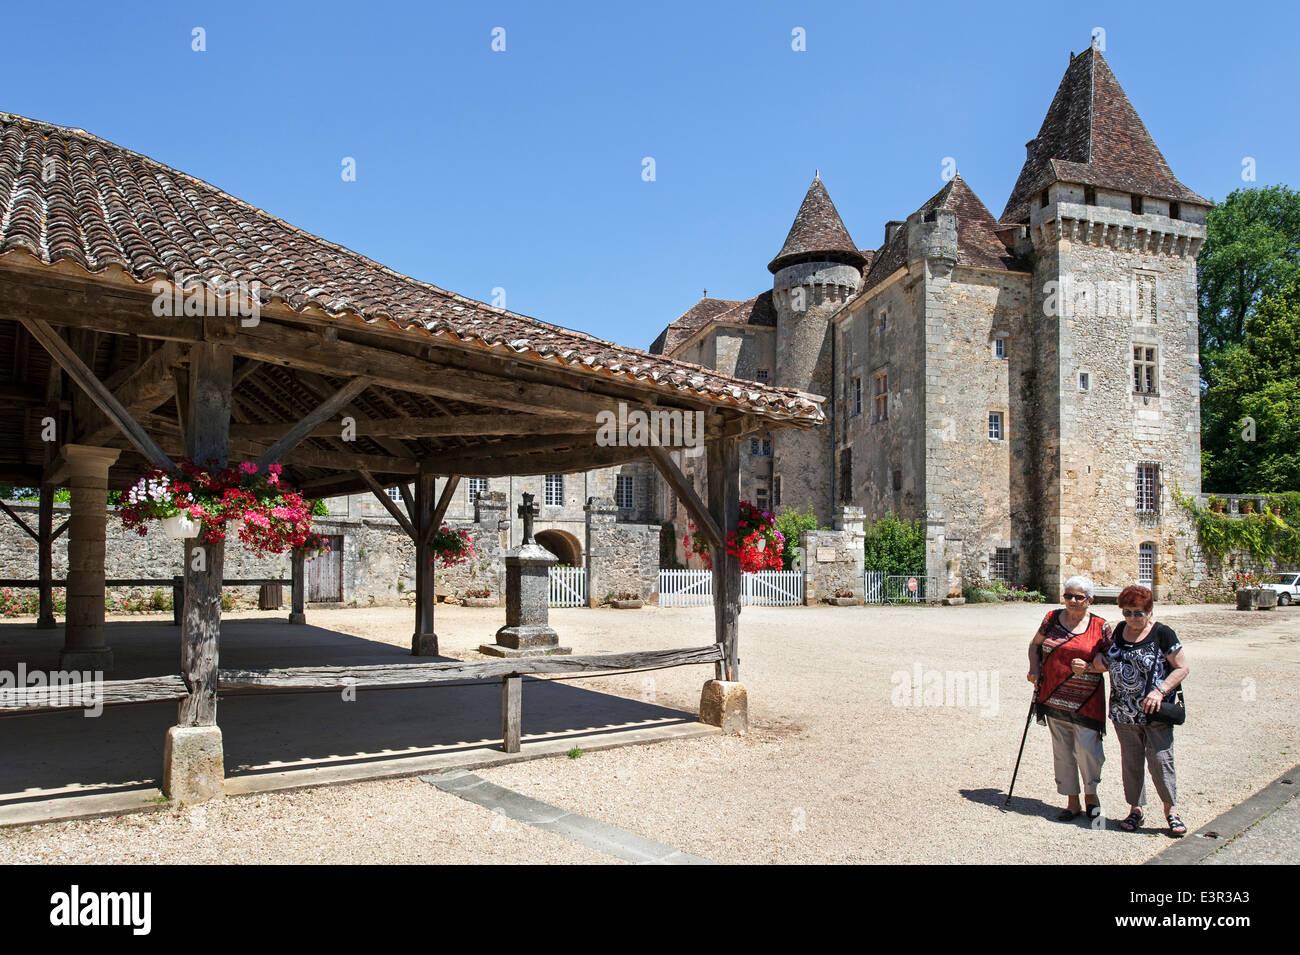 Château de La Marthonie / Marthonye and elderly tourists visiting the market square at Saint-Jean-de-Côle, - Stock Image